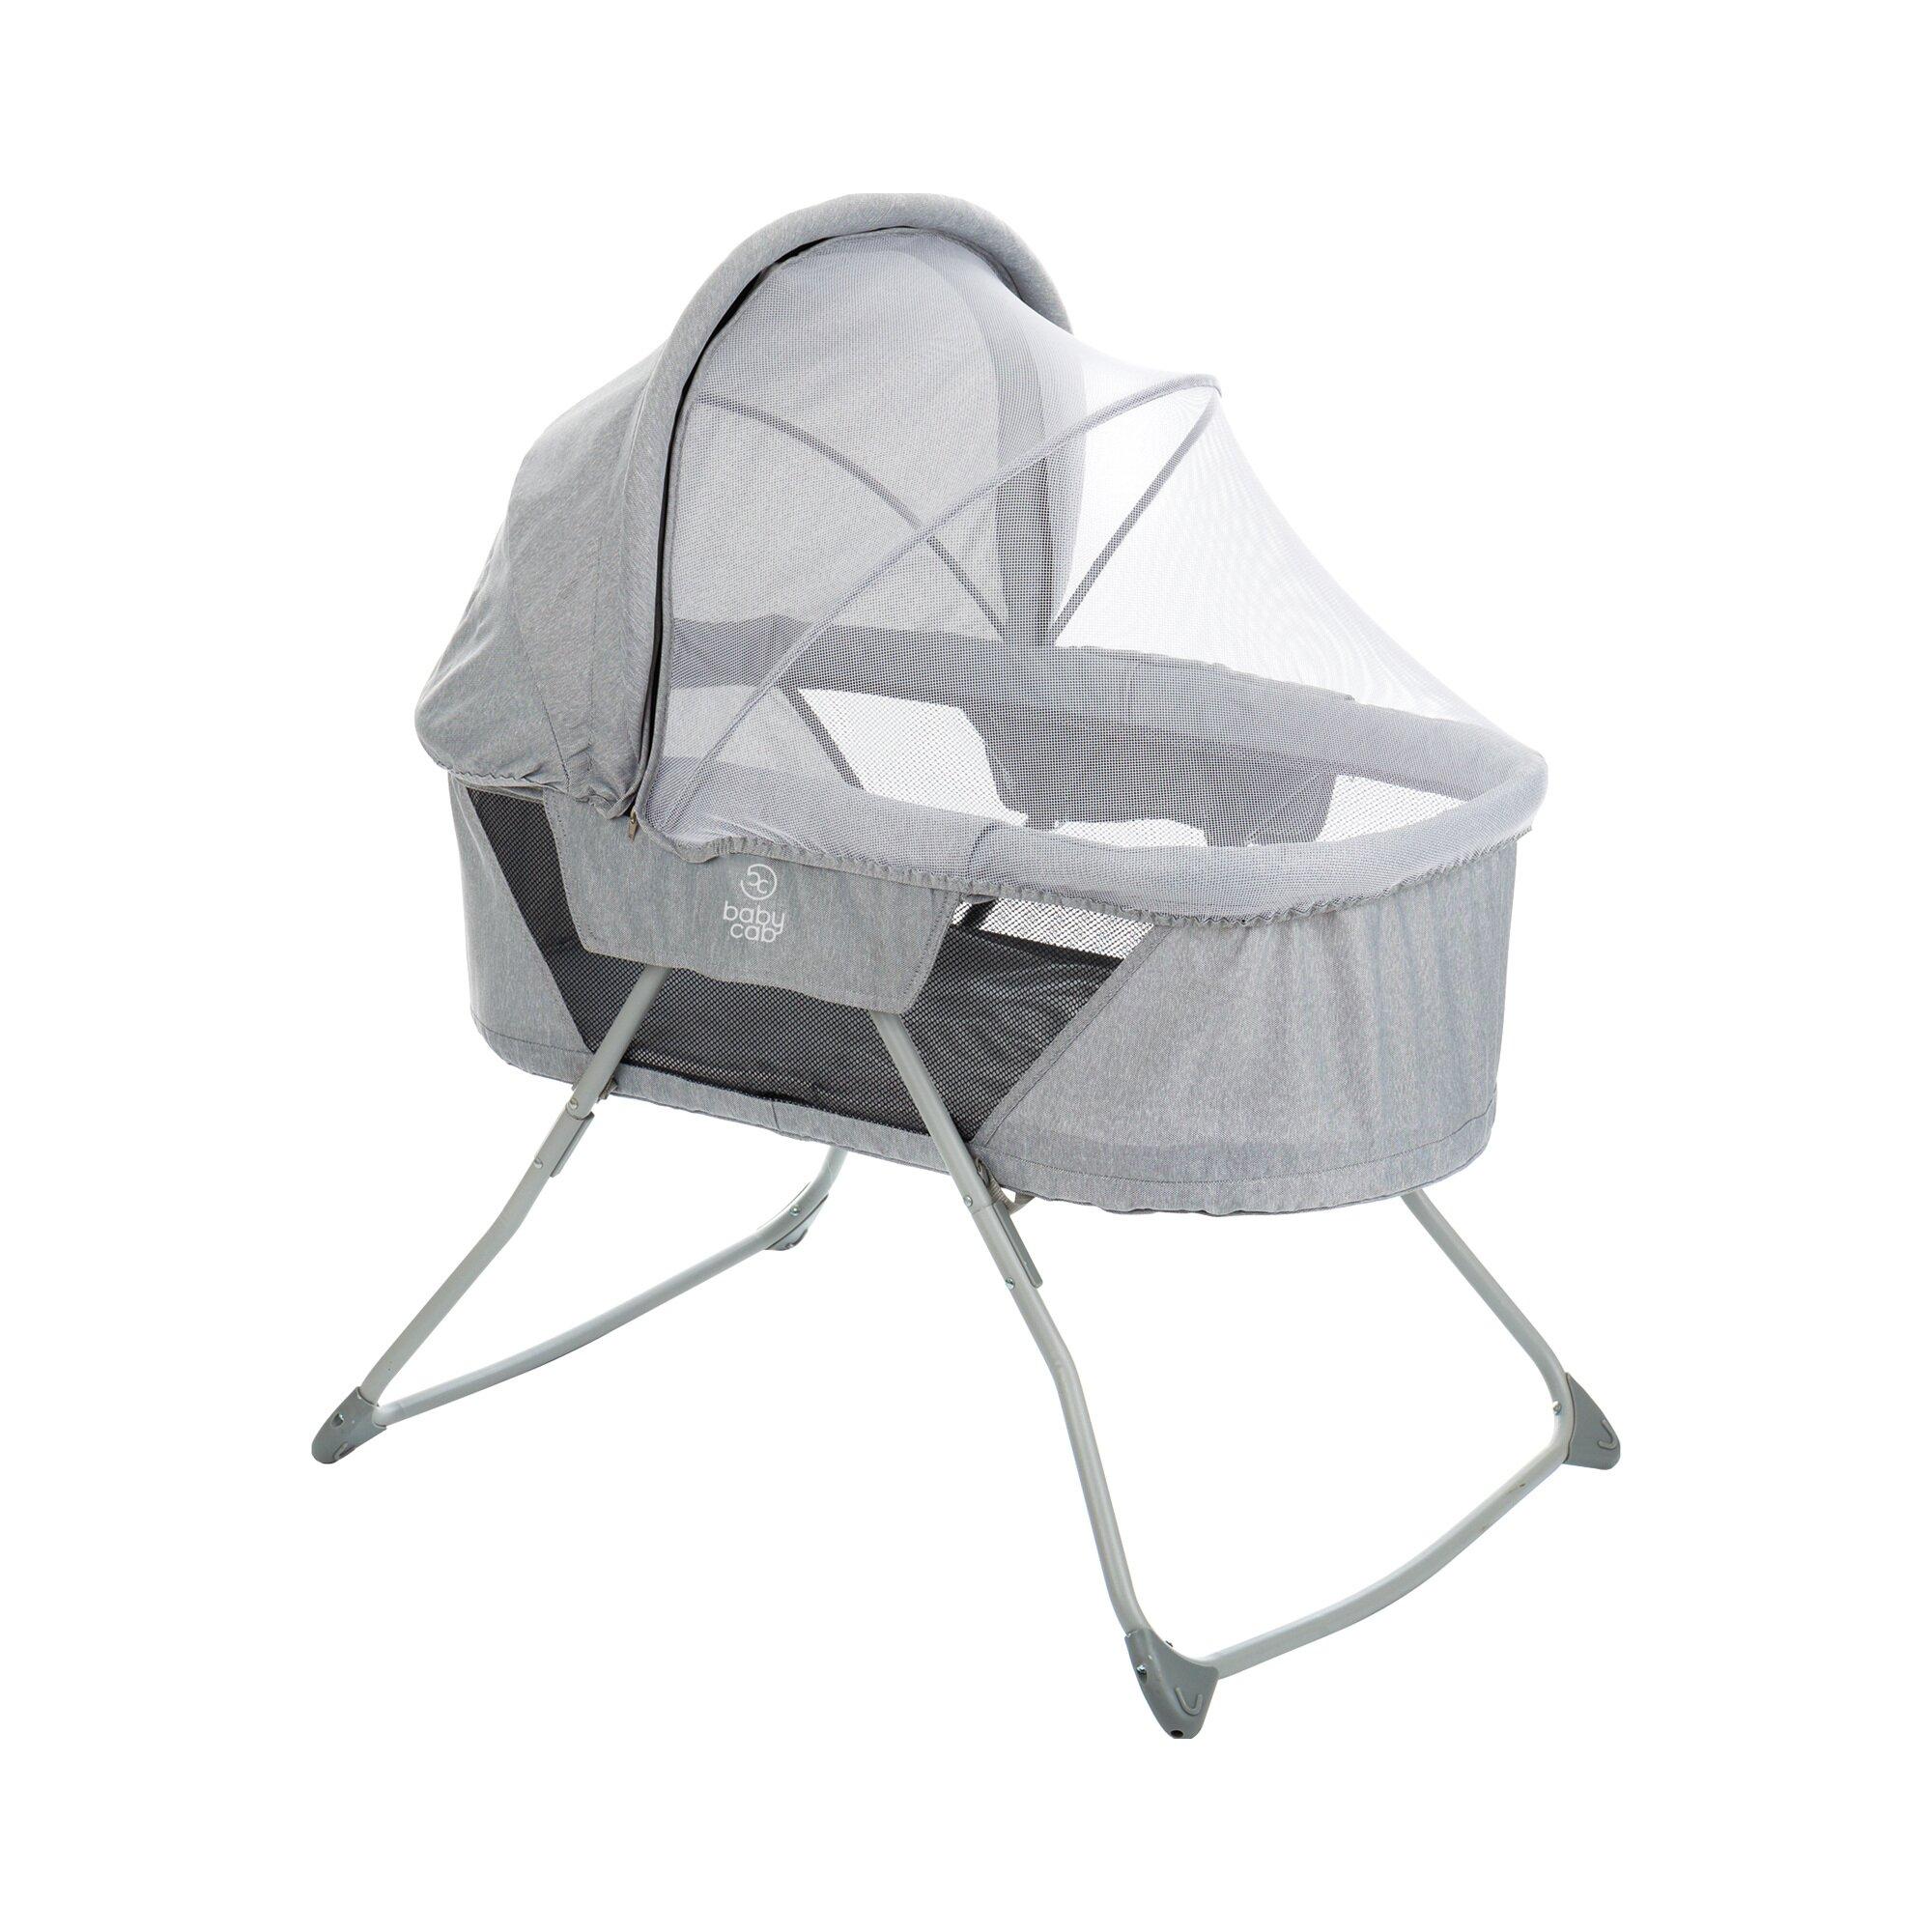 babycab-reisebett-mit-schaukelfunktion